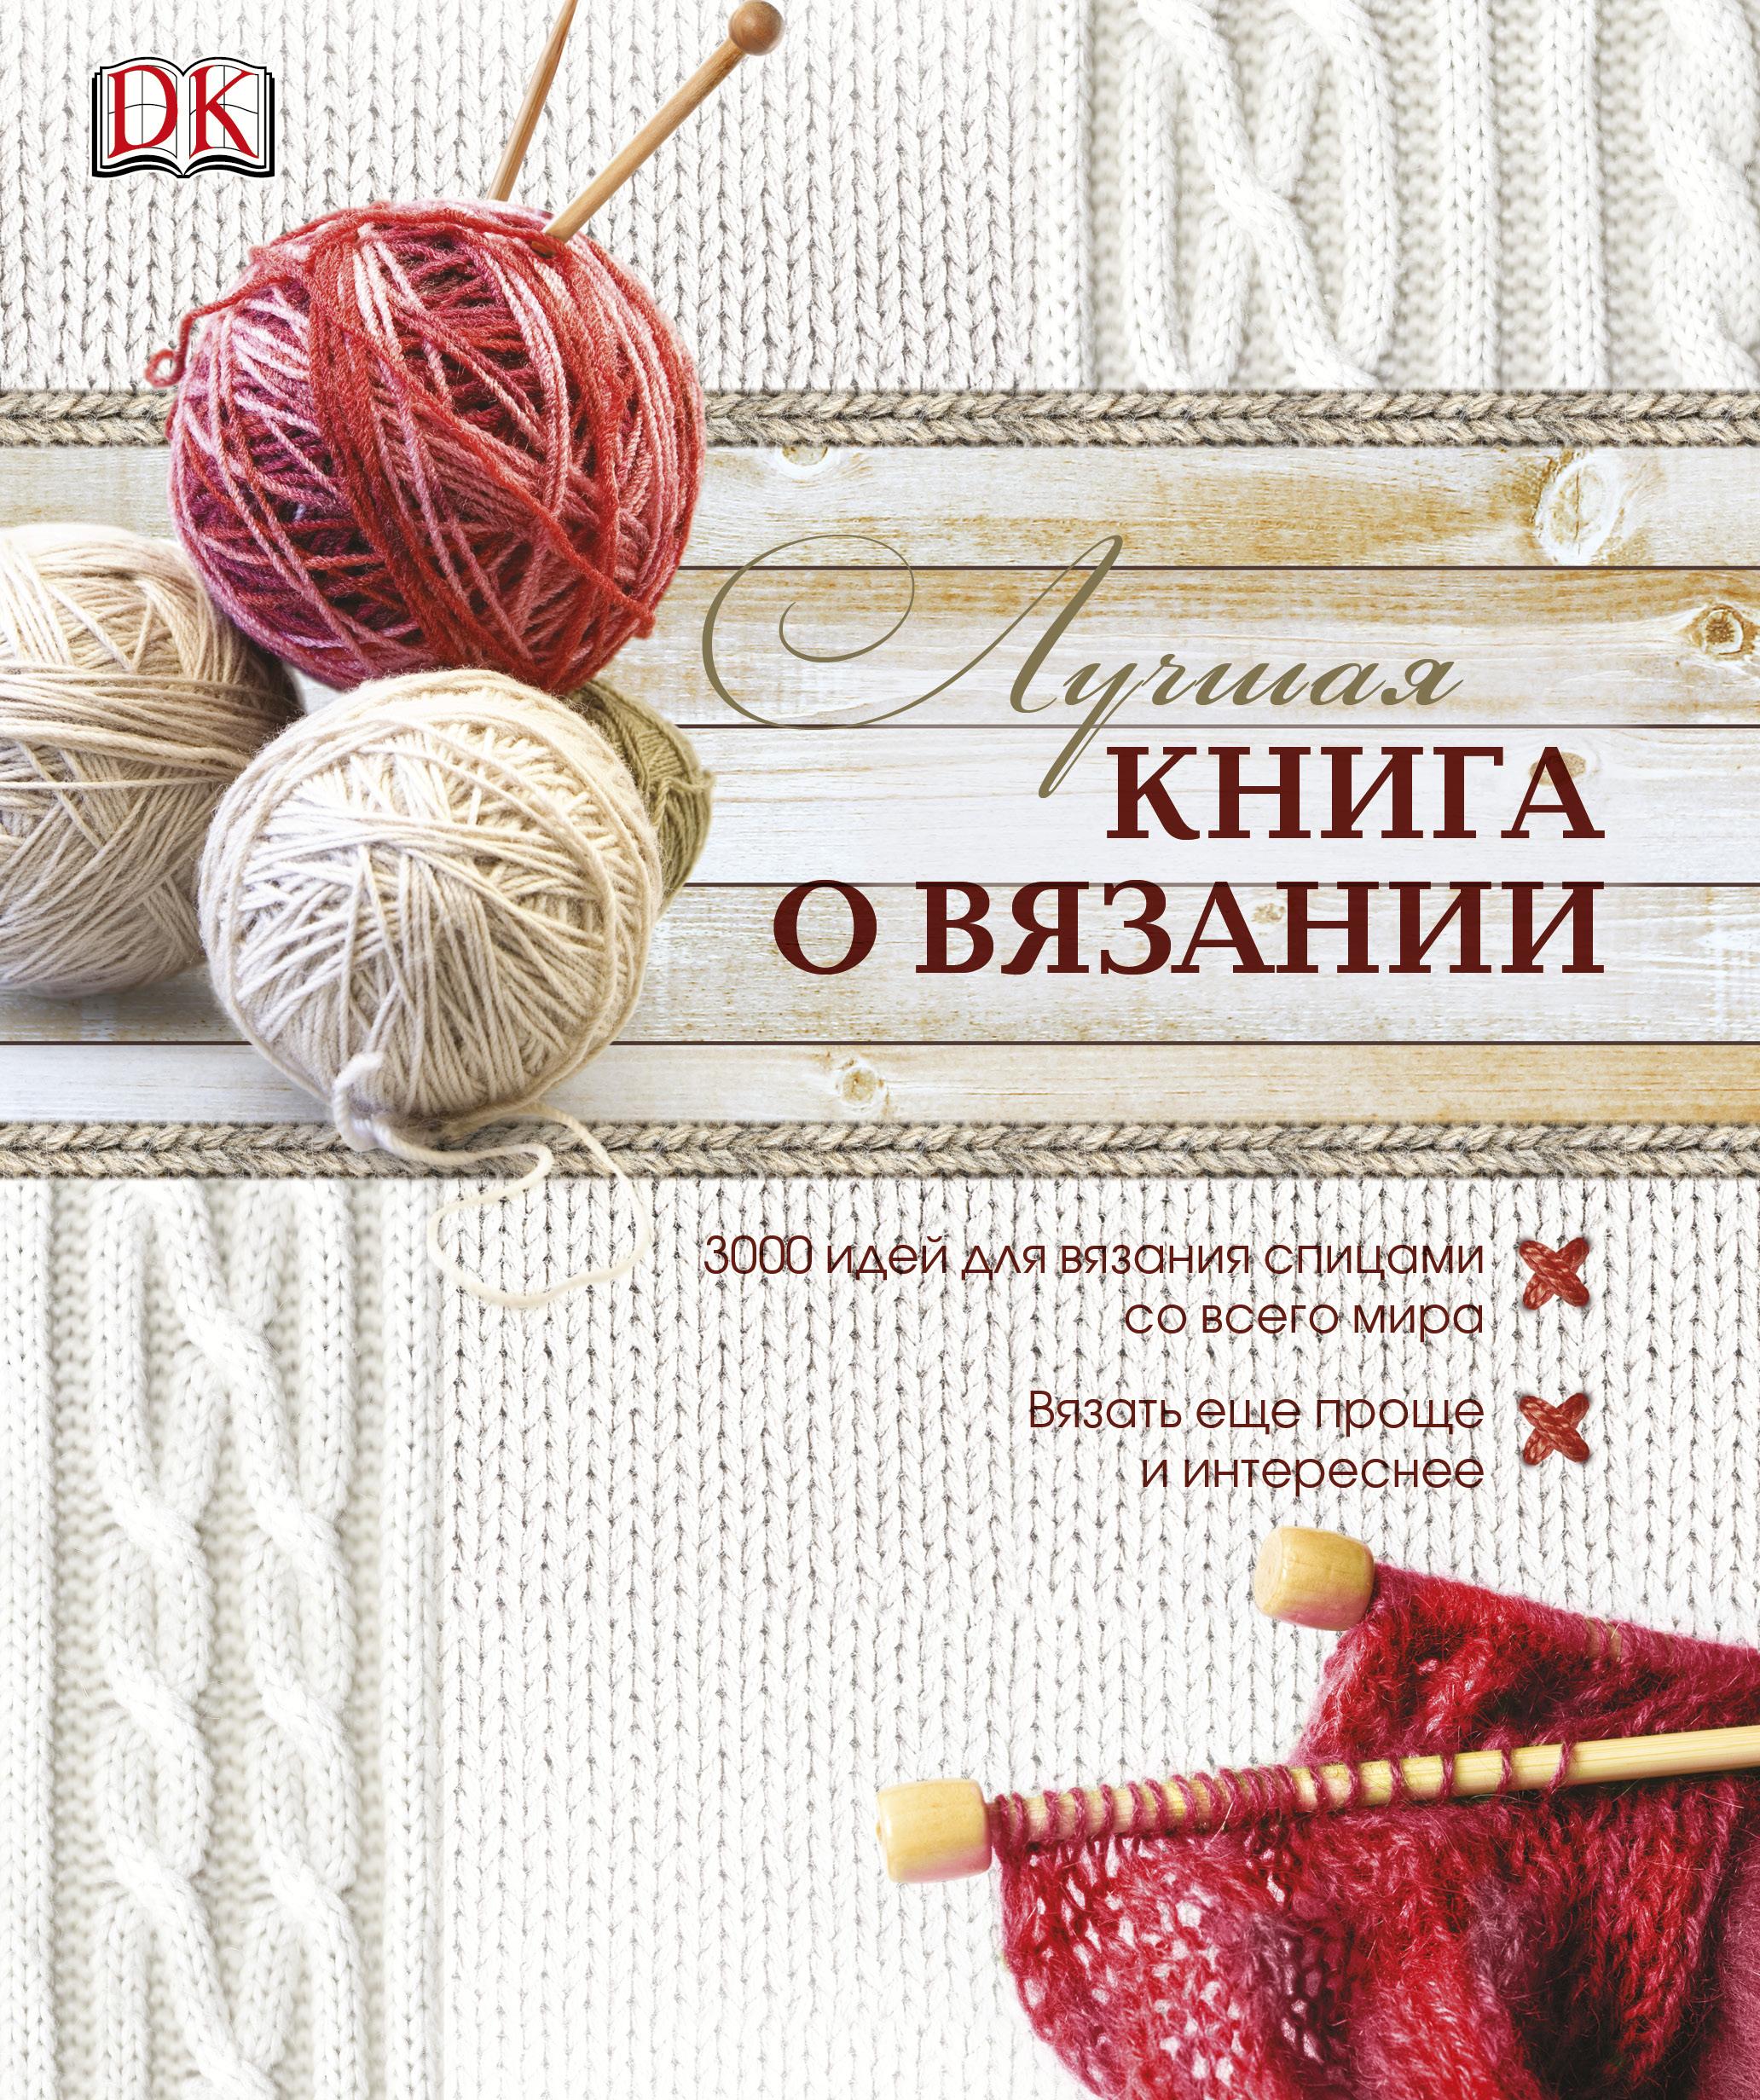 Все новое о вязании